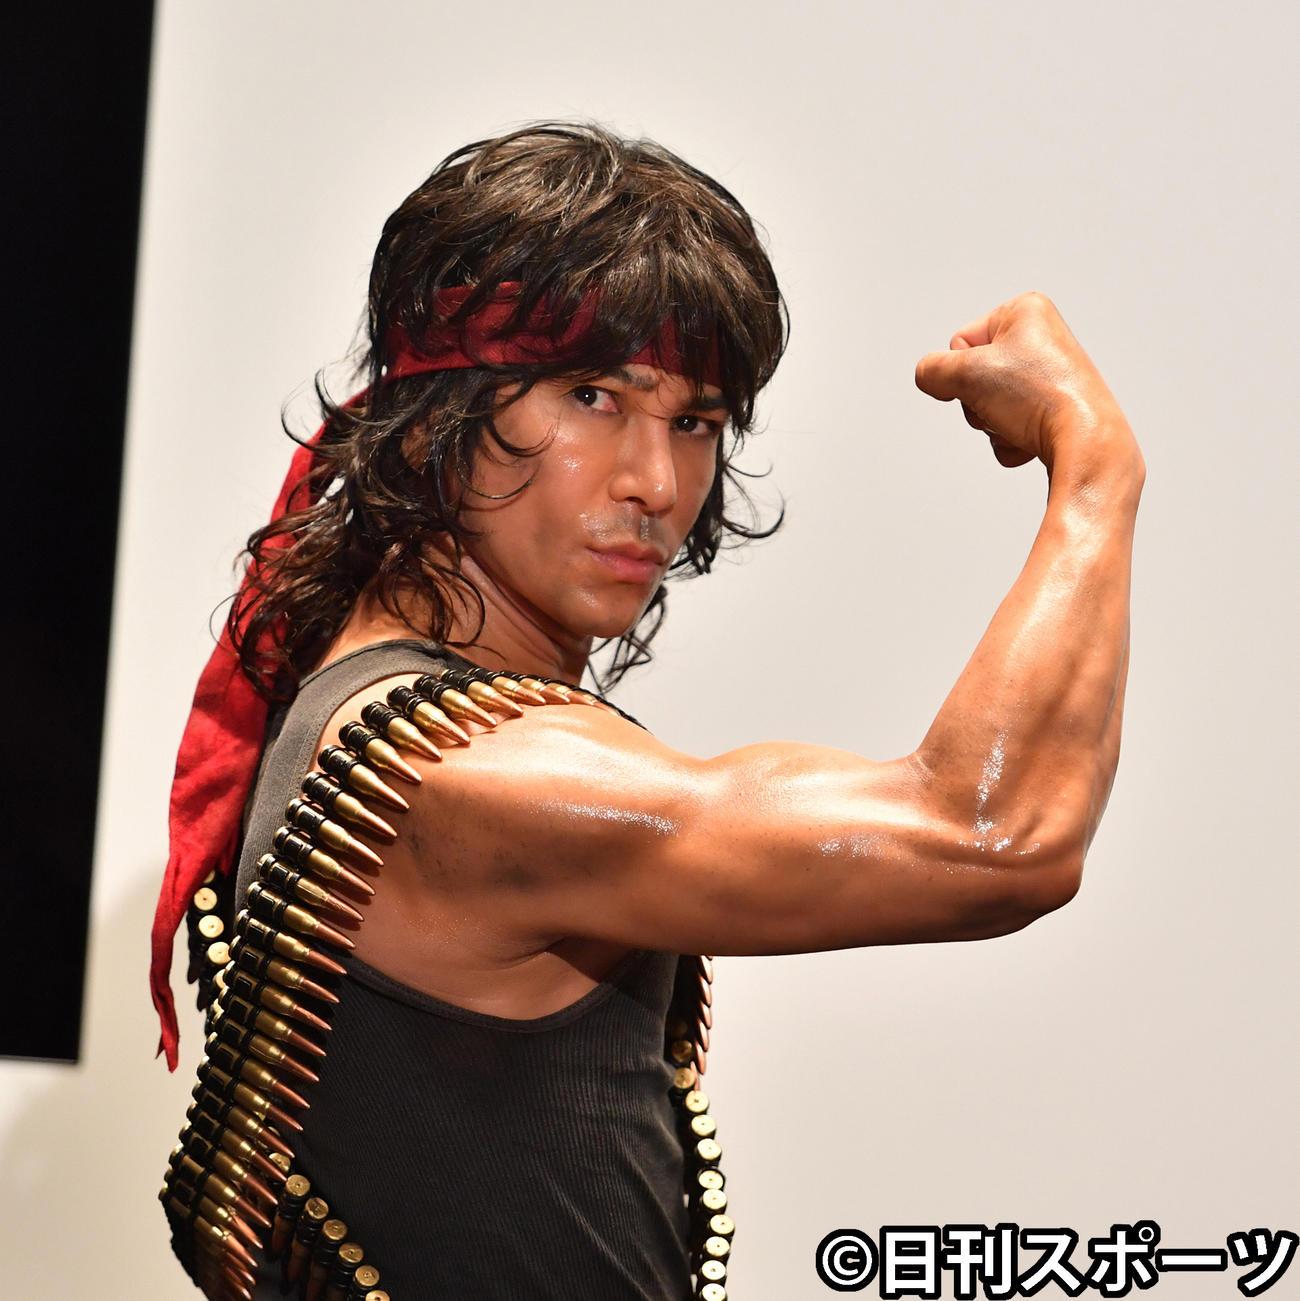 自慢の筋肉を披露するランボーに扮(ふん)した武田真治(2020年6月17日撮影)